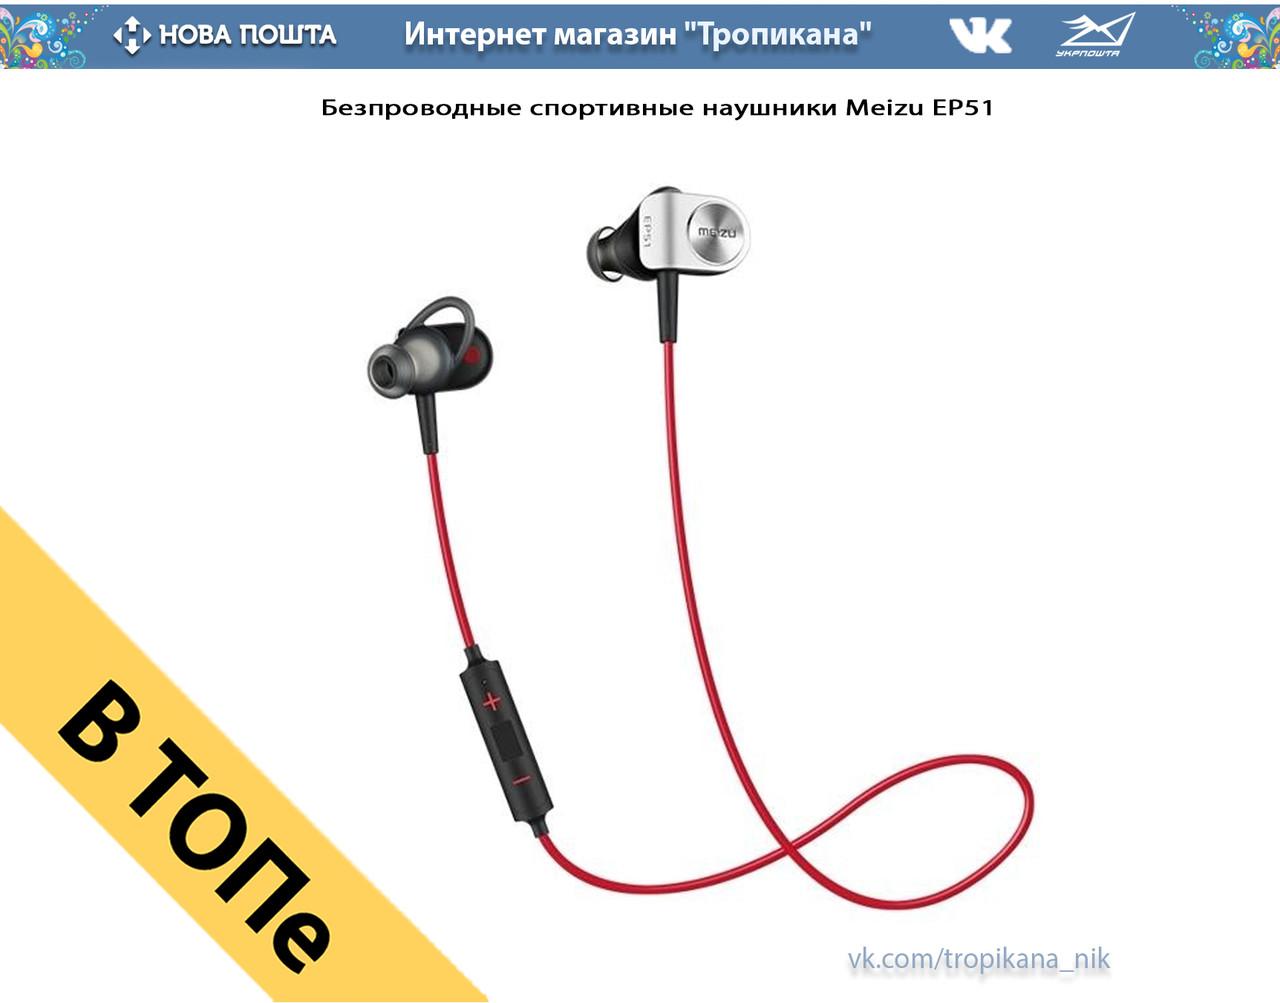 Безпроводные спортивные наушники Meizu EP51 Лучшие Bluetooth наушники